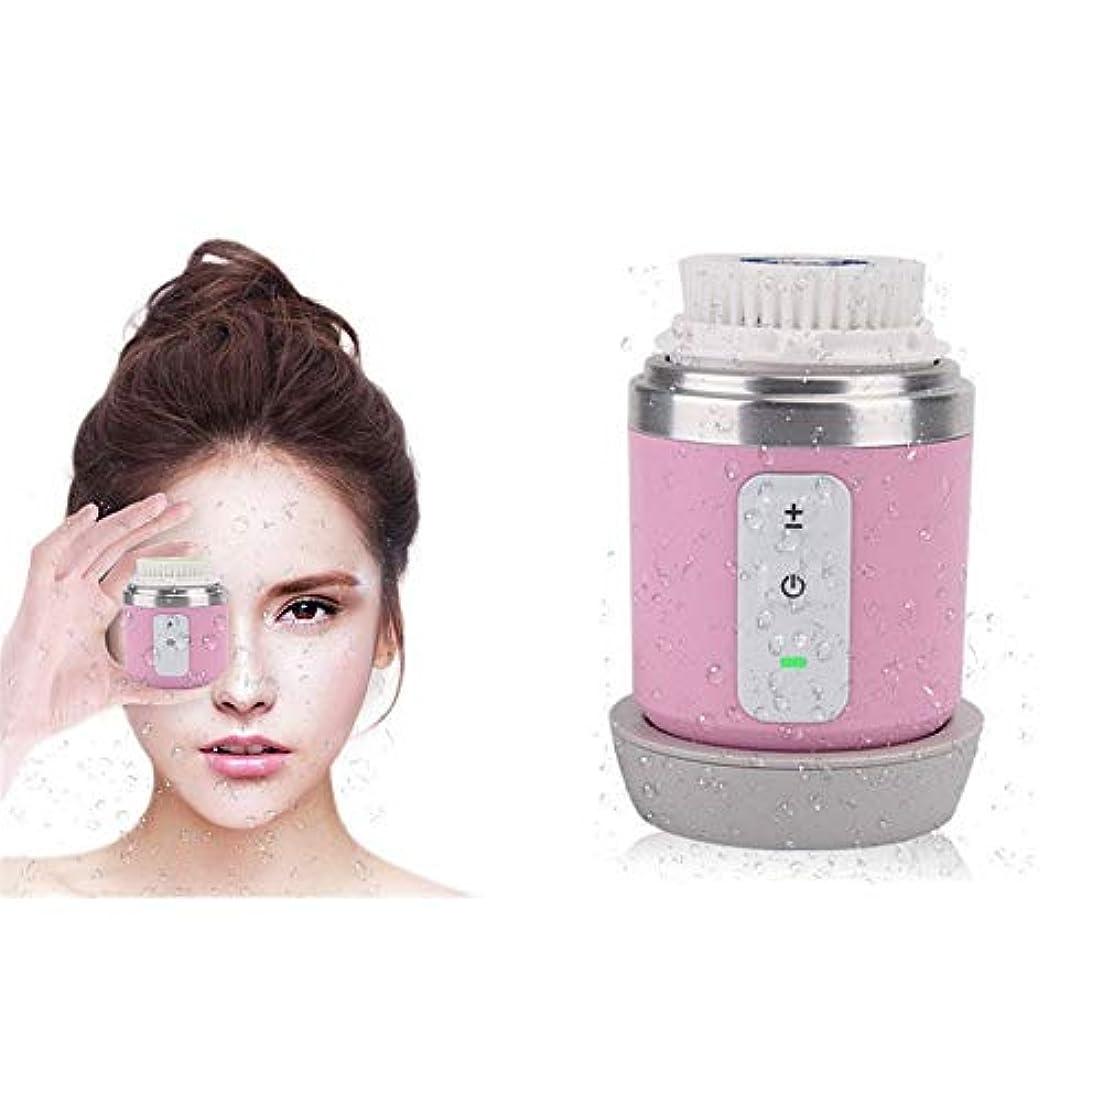 地理ダンス卒業フェイシャル?クレンザーブラシ、電動洗顔ブラシ、エクスフォリエイティングとブラックヘッドのためにブラックヘッドシリコーン美容インストゥルメントアプライアンスに防水クレンジング器振動クリーナー毛穴